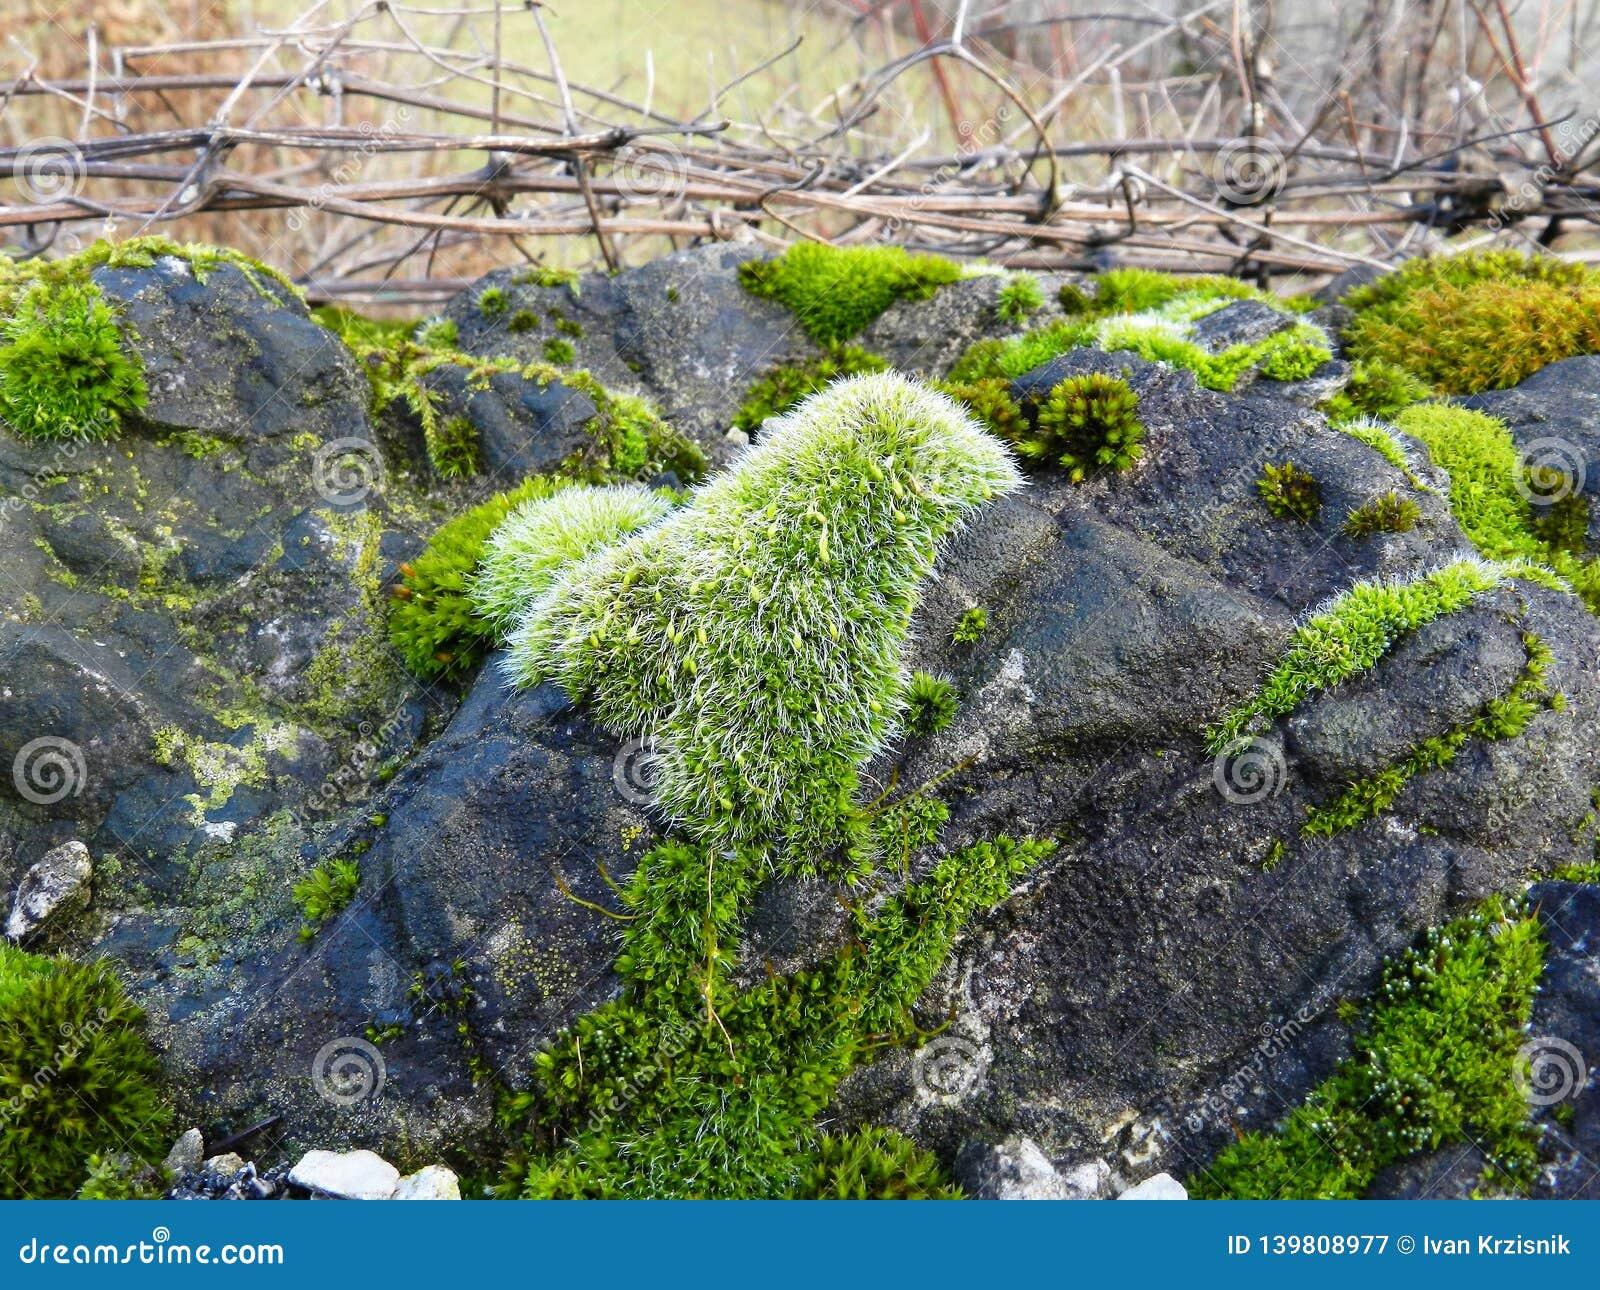 Å-ebrelje Slowenien fand Neanderthal Flöten